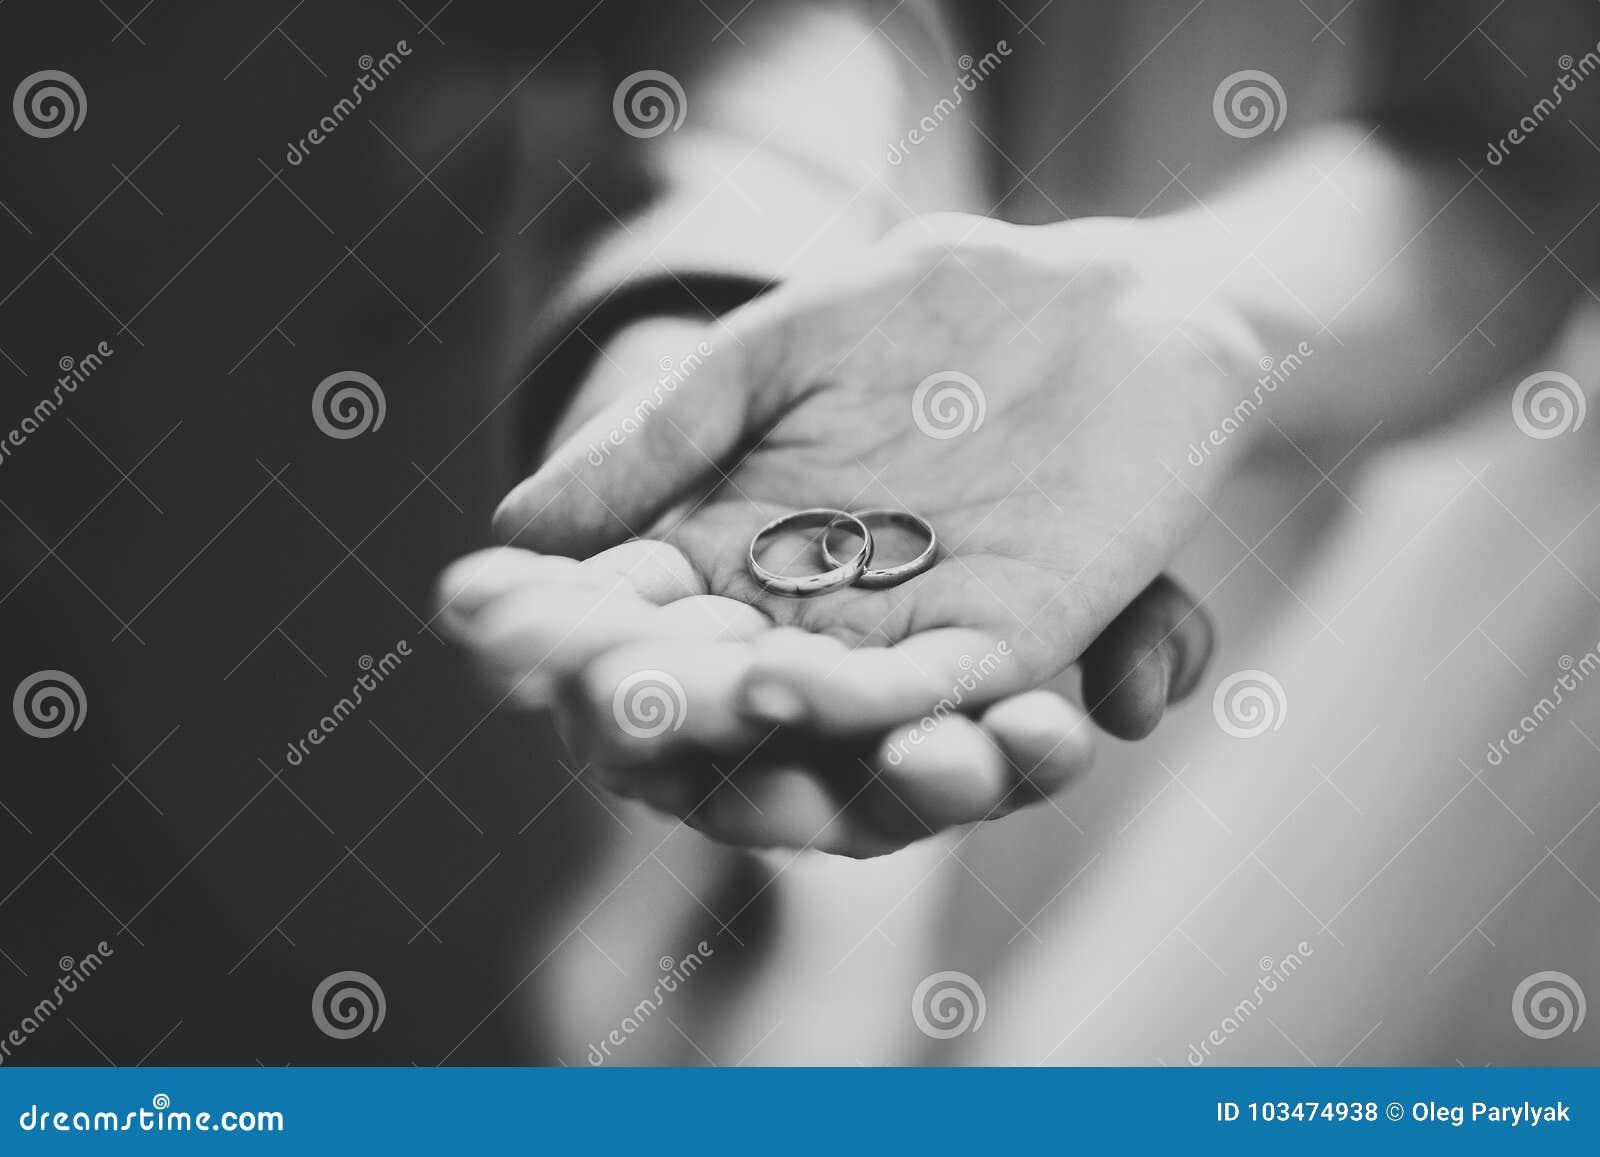 Państwo młodzi wymienia obrączki ślubne Elegancka para urzędnika ceremonia